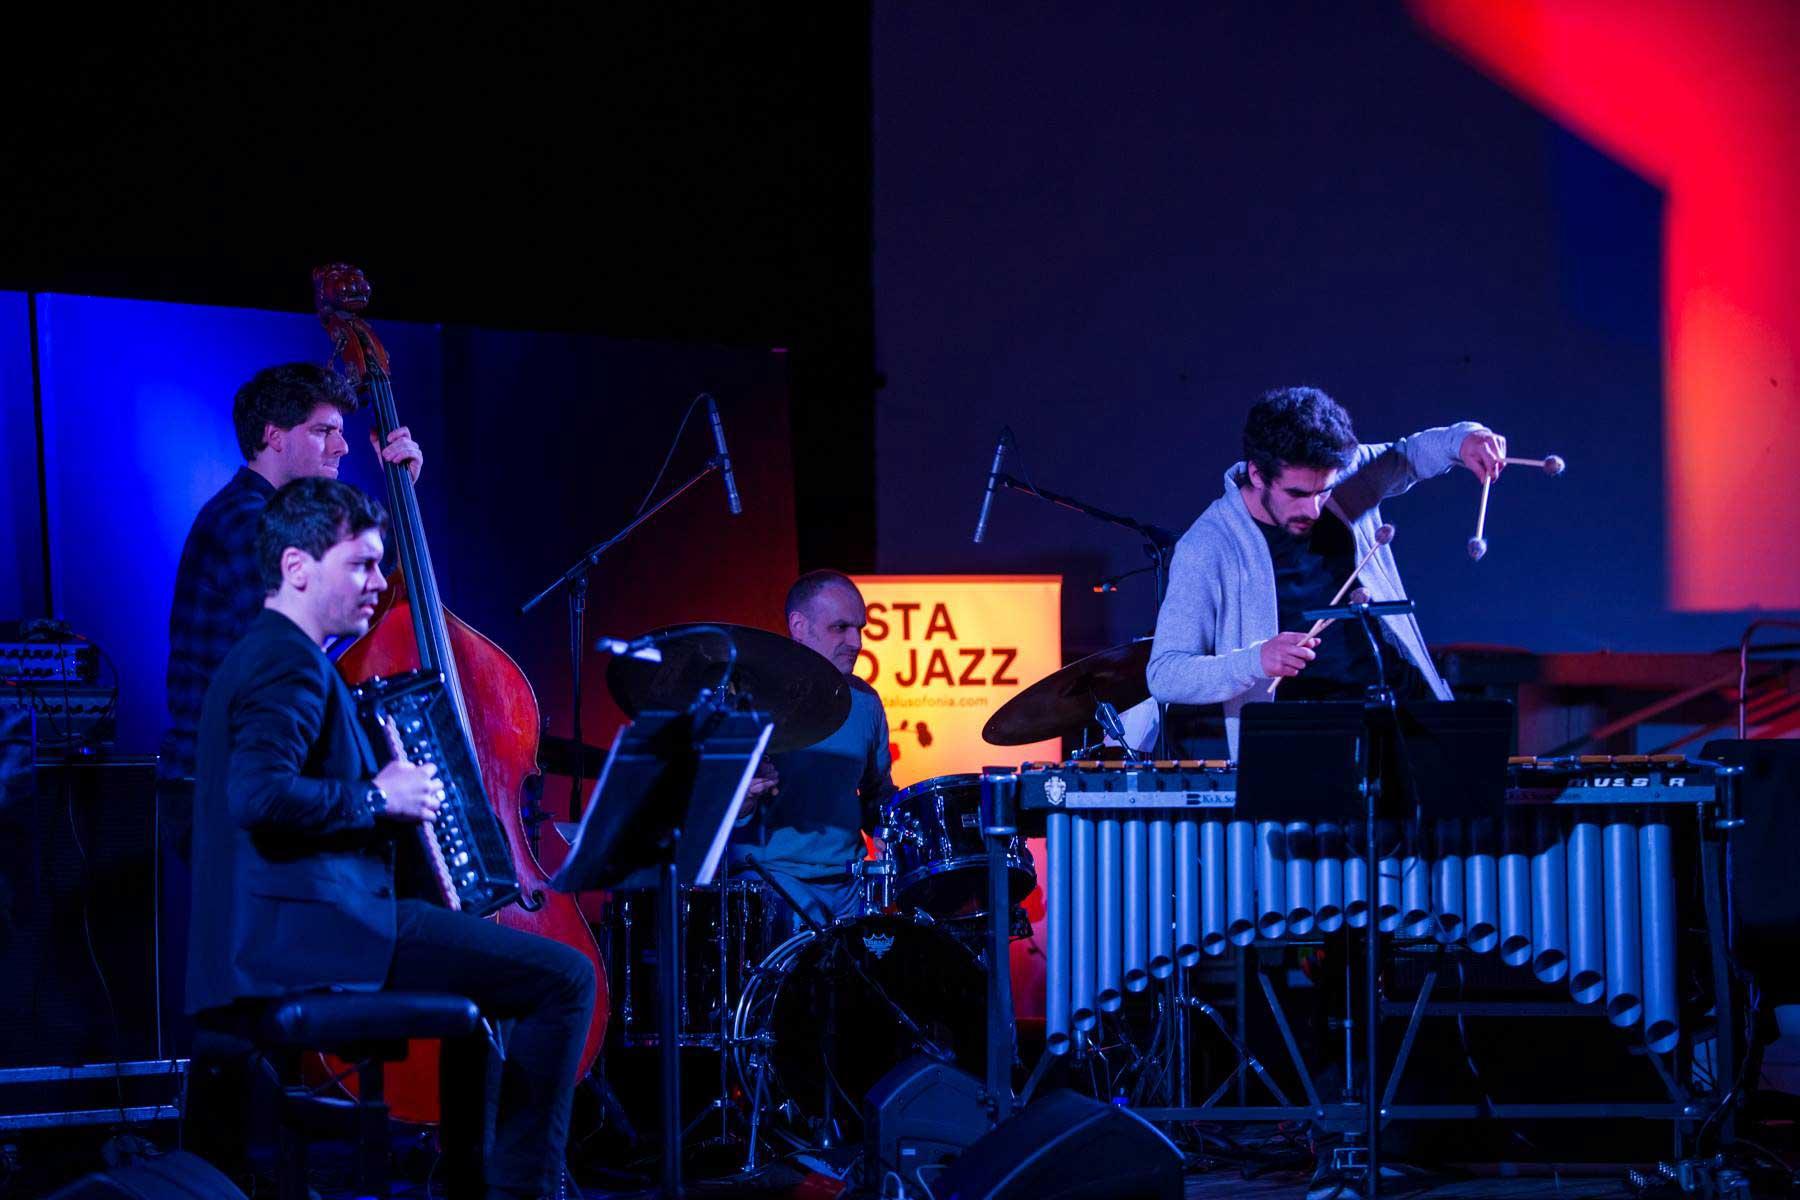 festa_jazz3